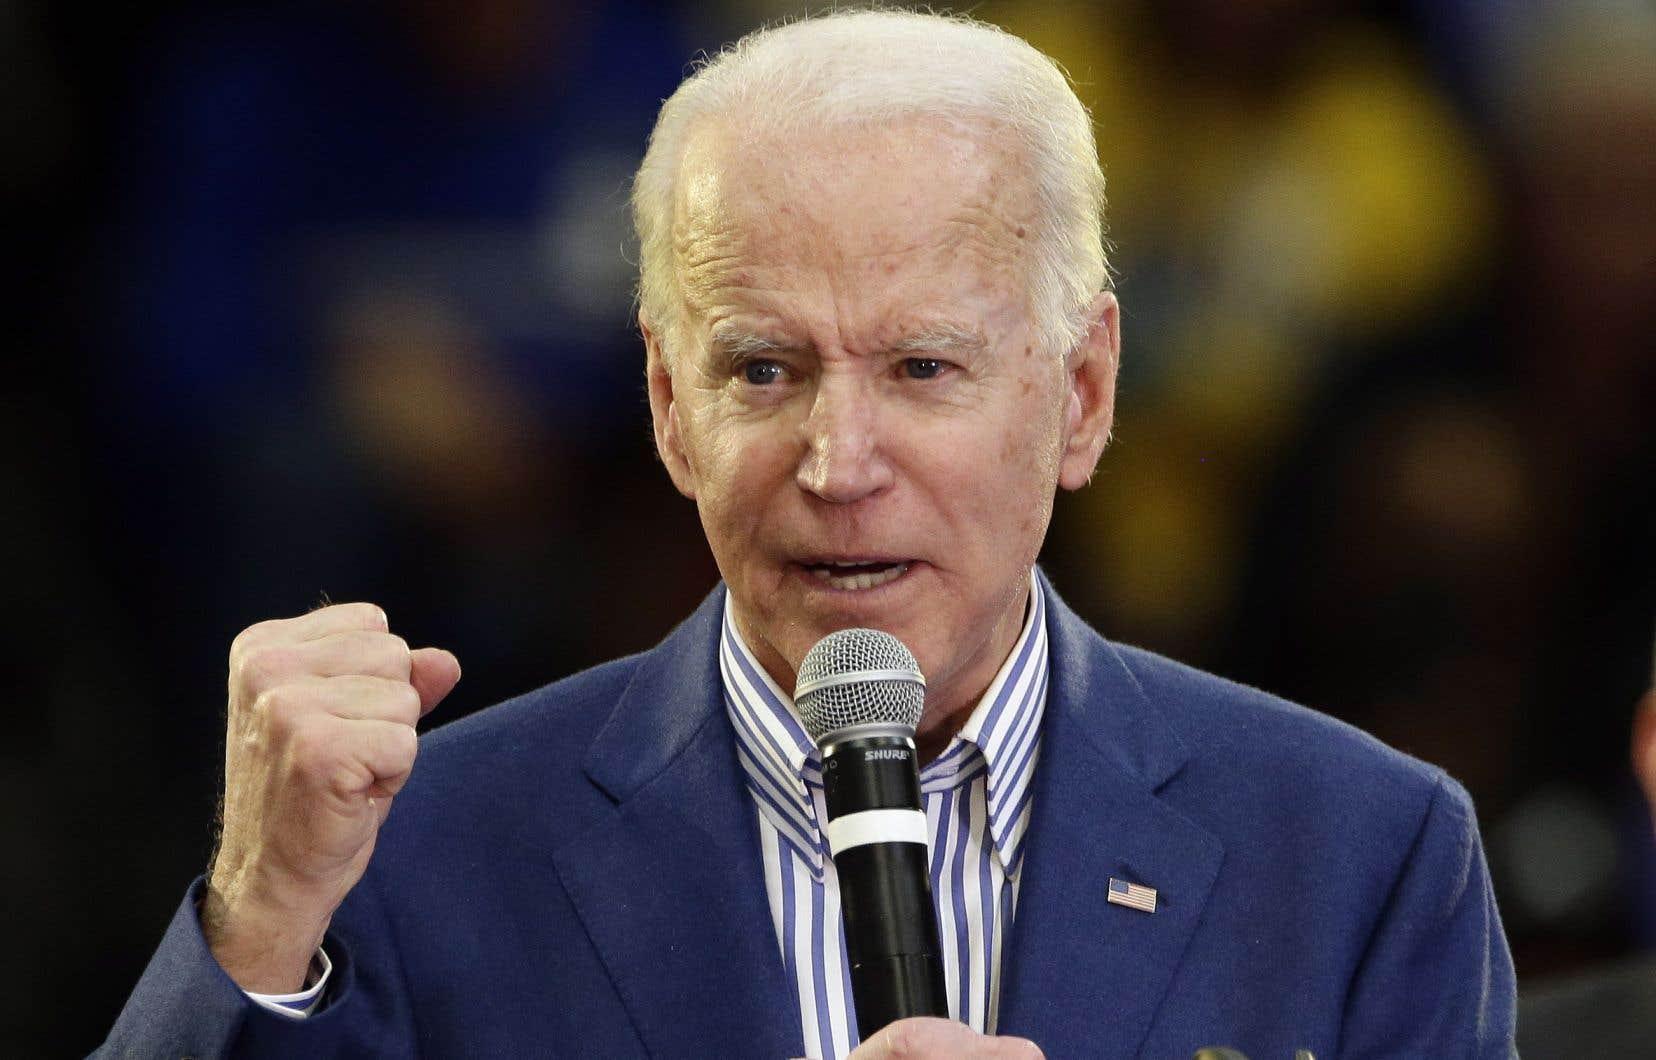 Cette victoire est la première de Joe Biden dans cette course à l'investiture du Parti démocrate.